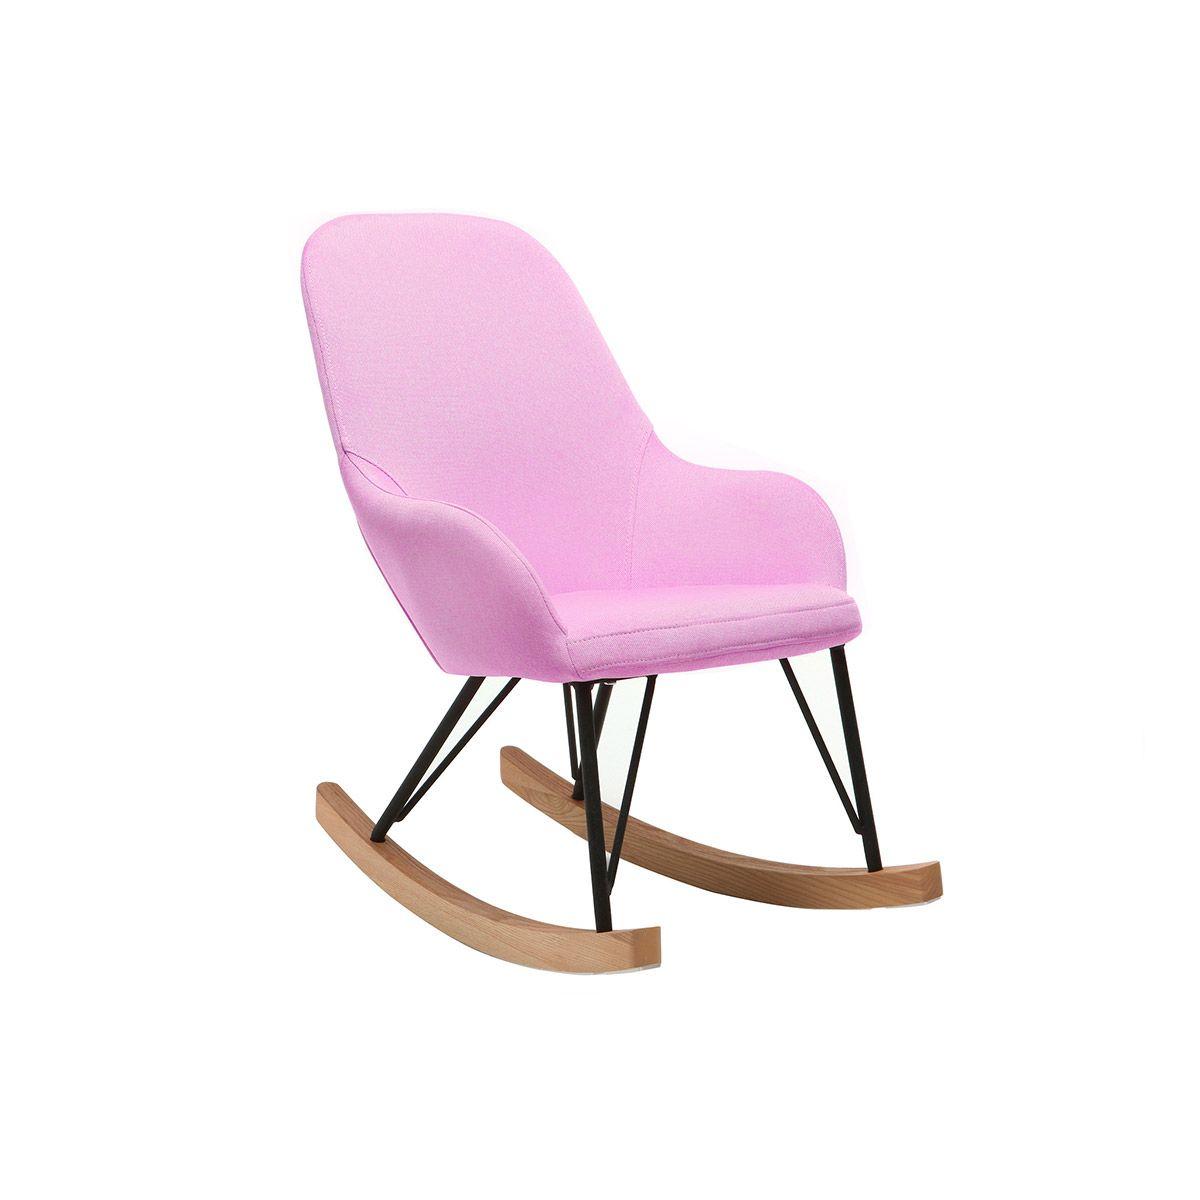 Poltrona relax – Baby sedia a dondolo tessuto rosa gambe in metallo e frassino JHENE Offerte e sconti